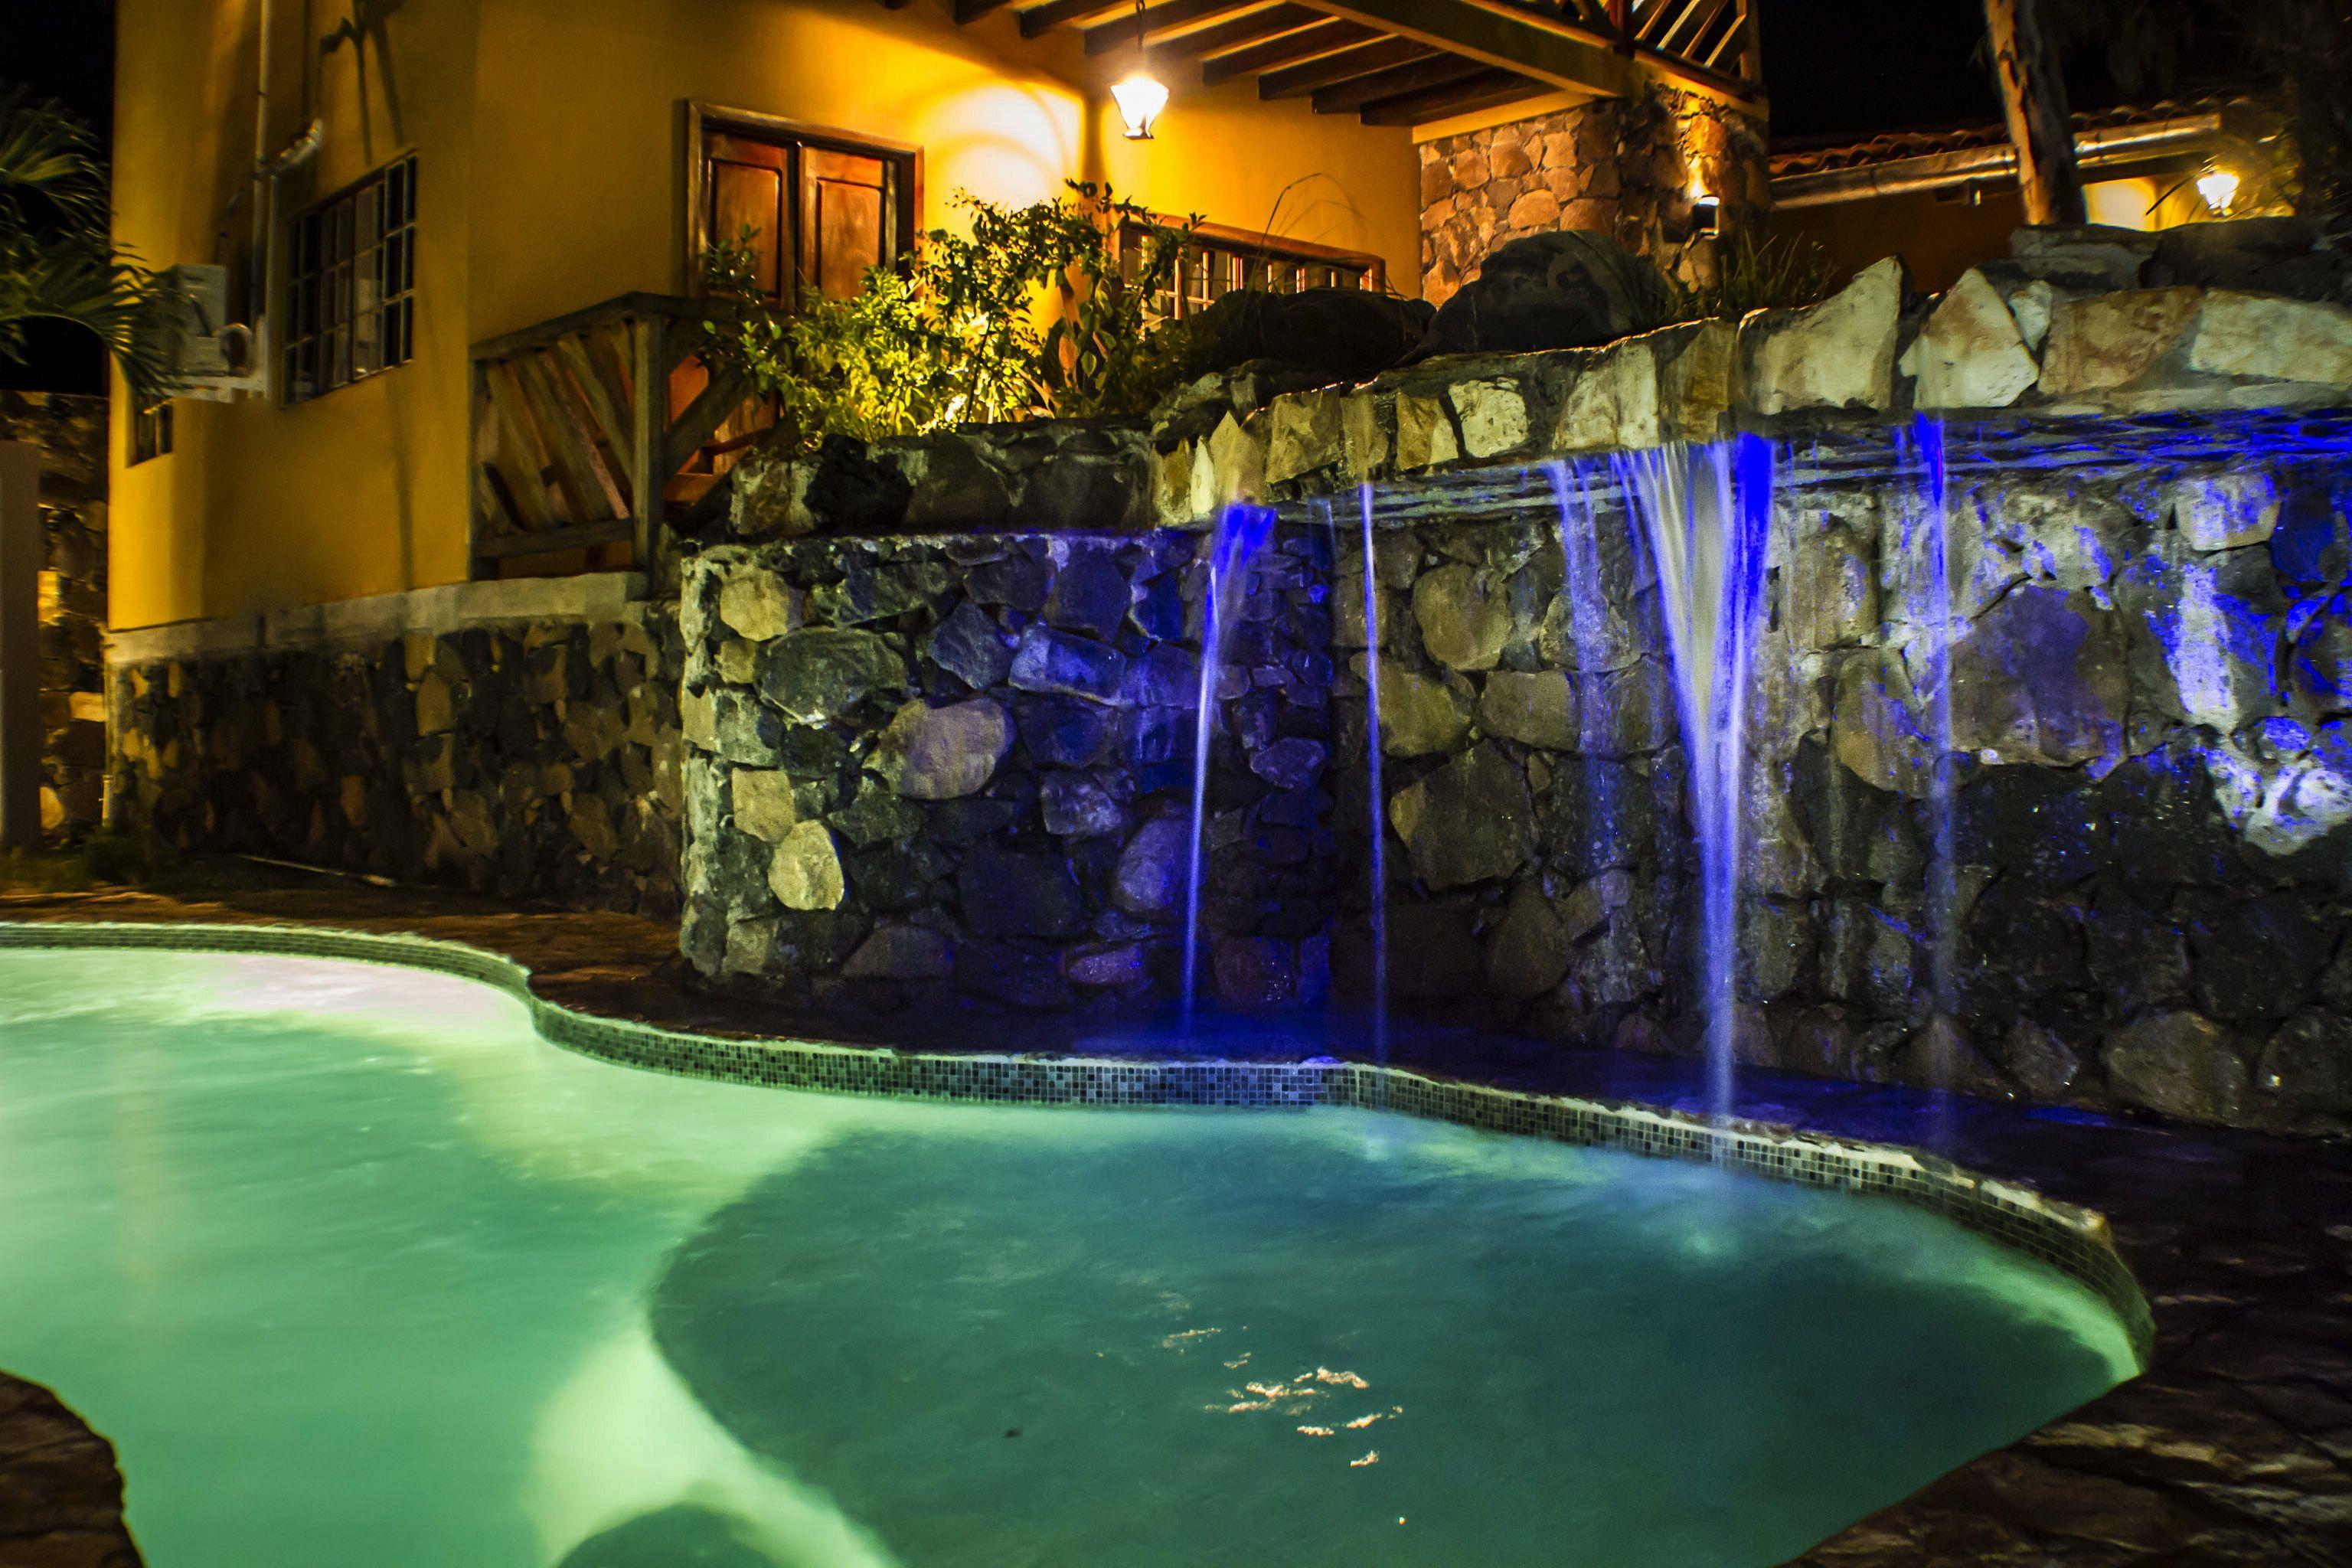 Cascade Pool 2 / Landscaping design by  Atelier Creative Studio / El Salvador